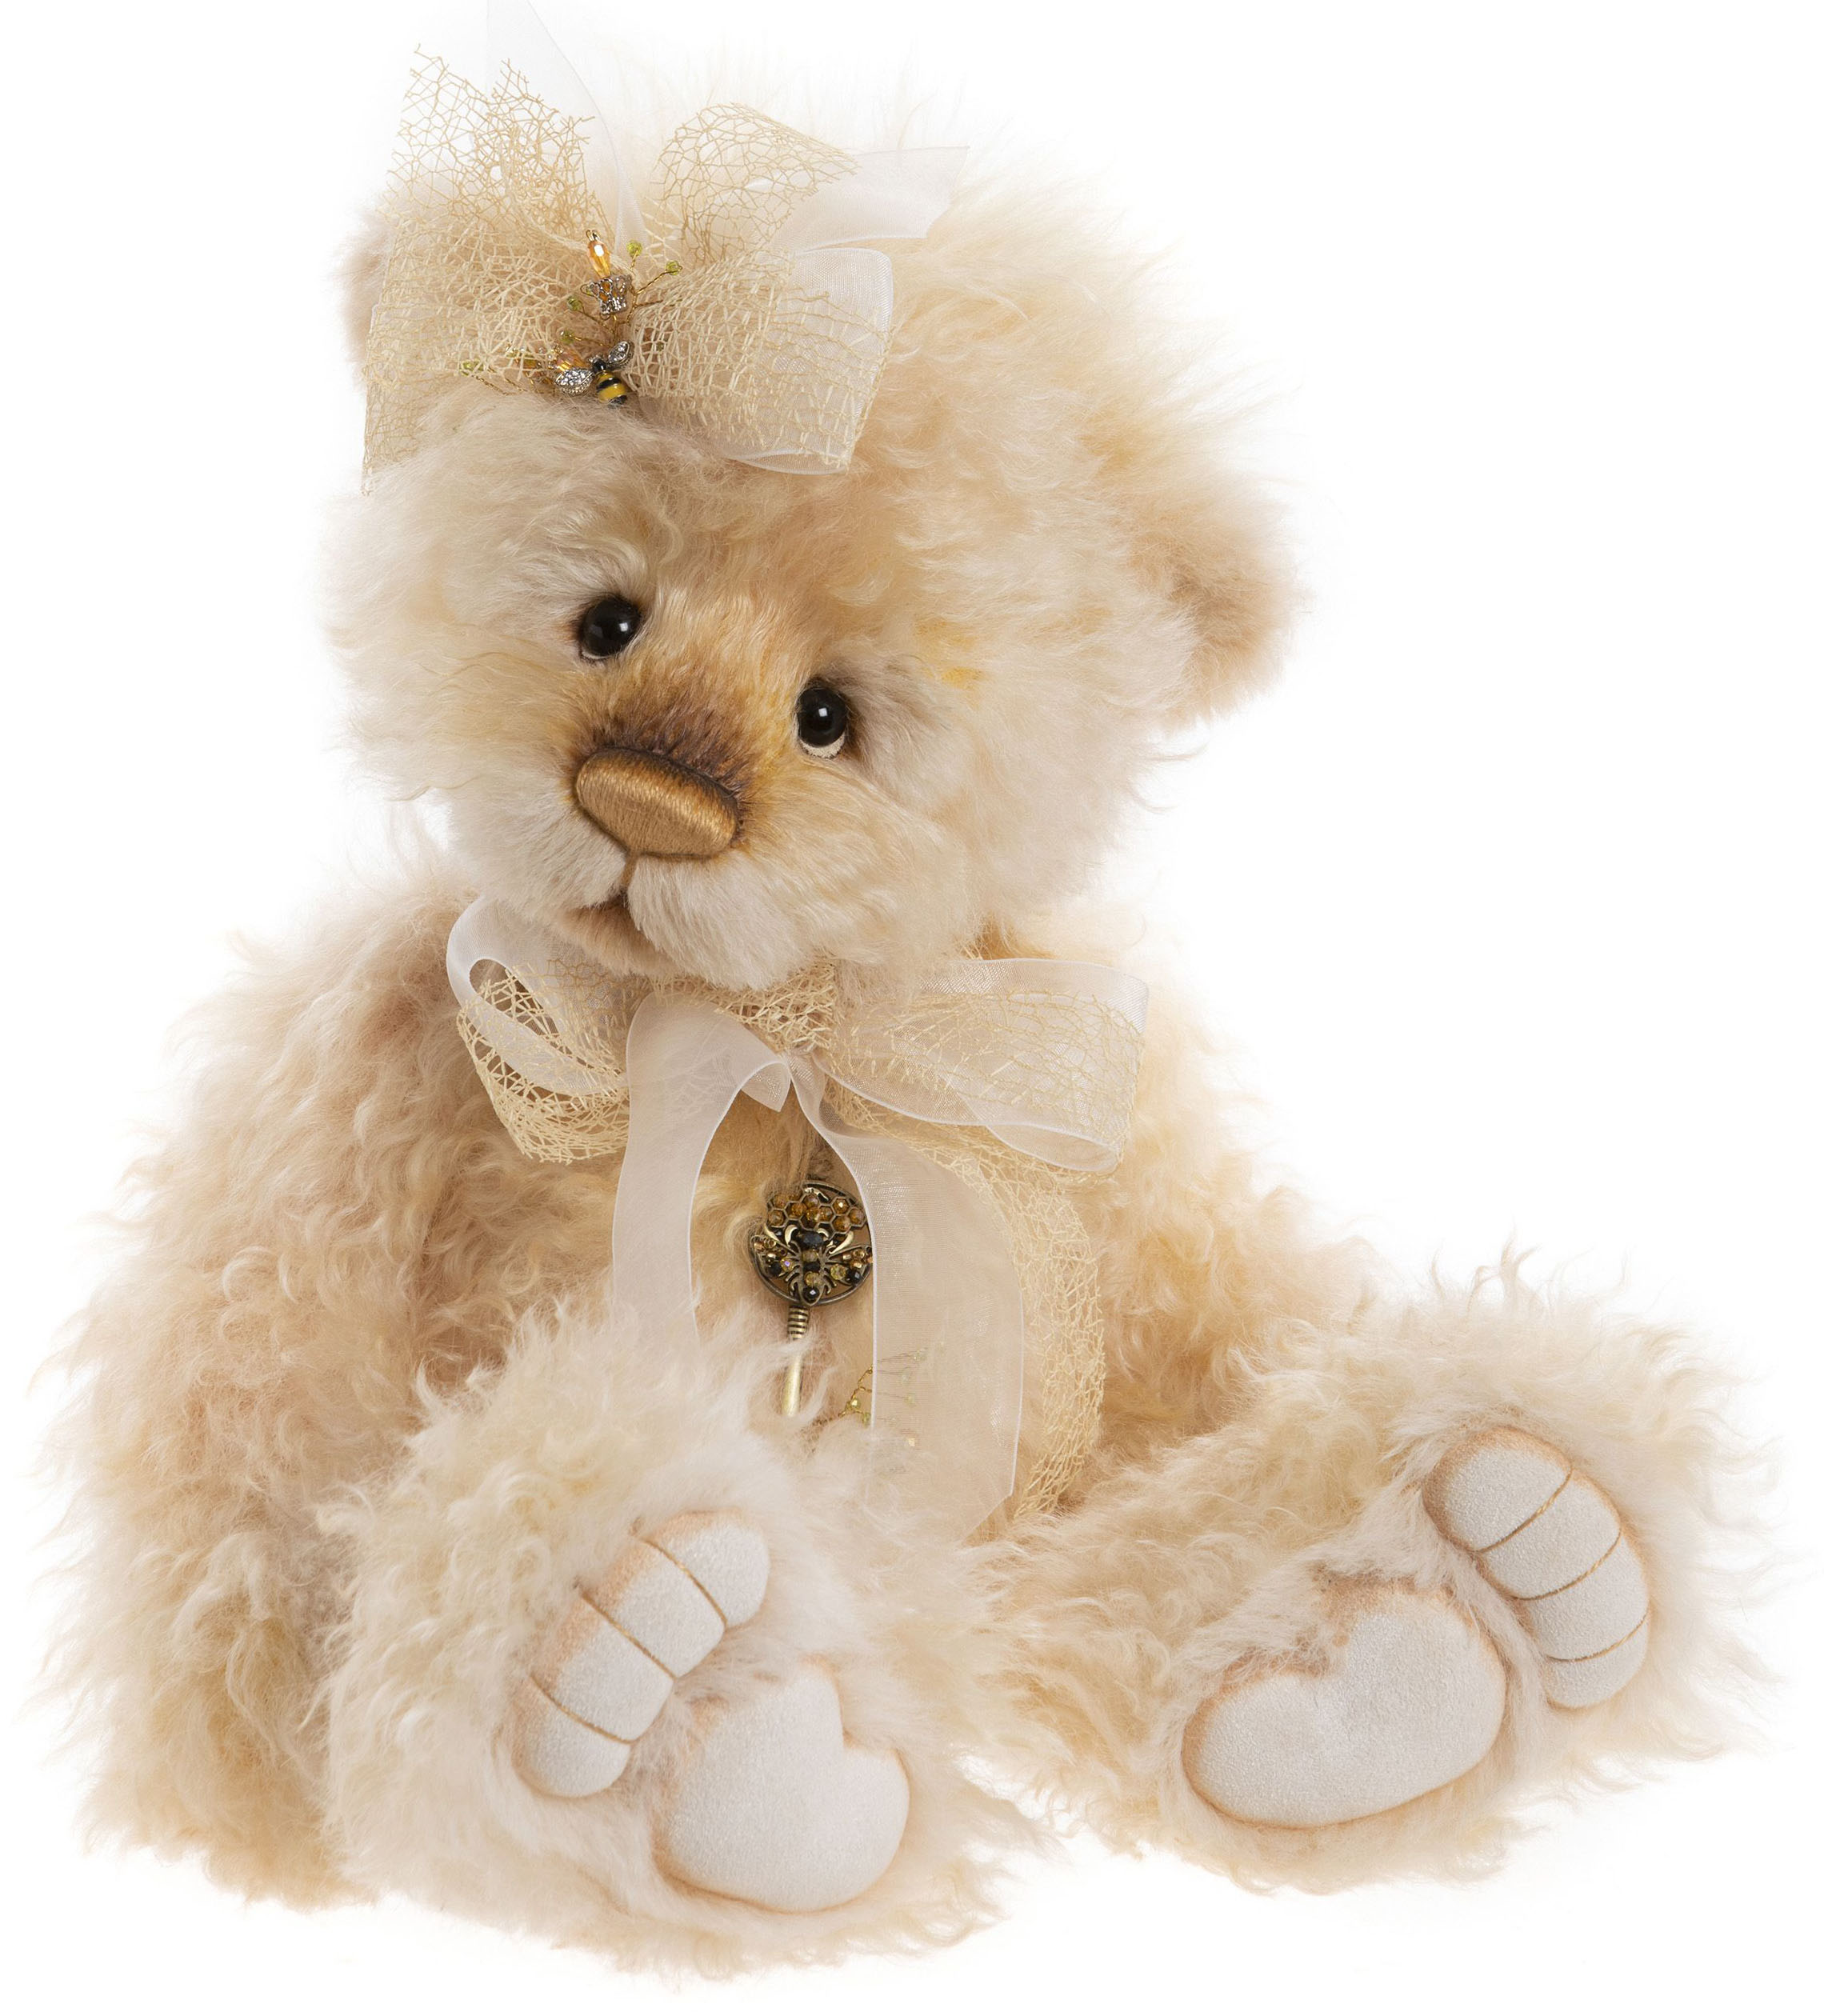 近年テディベア業界で大人気の英国メーカー 2020年入荷 Charlie 期間限定送料無料 Bears Masterpiece Isabelle 祝日 チャーリーベアーズ 2020